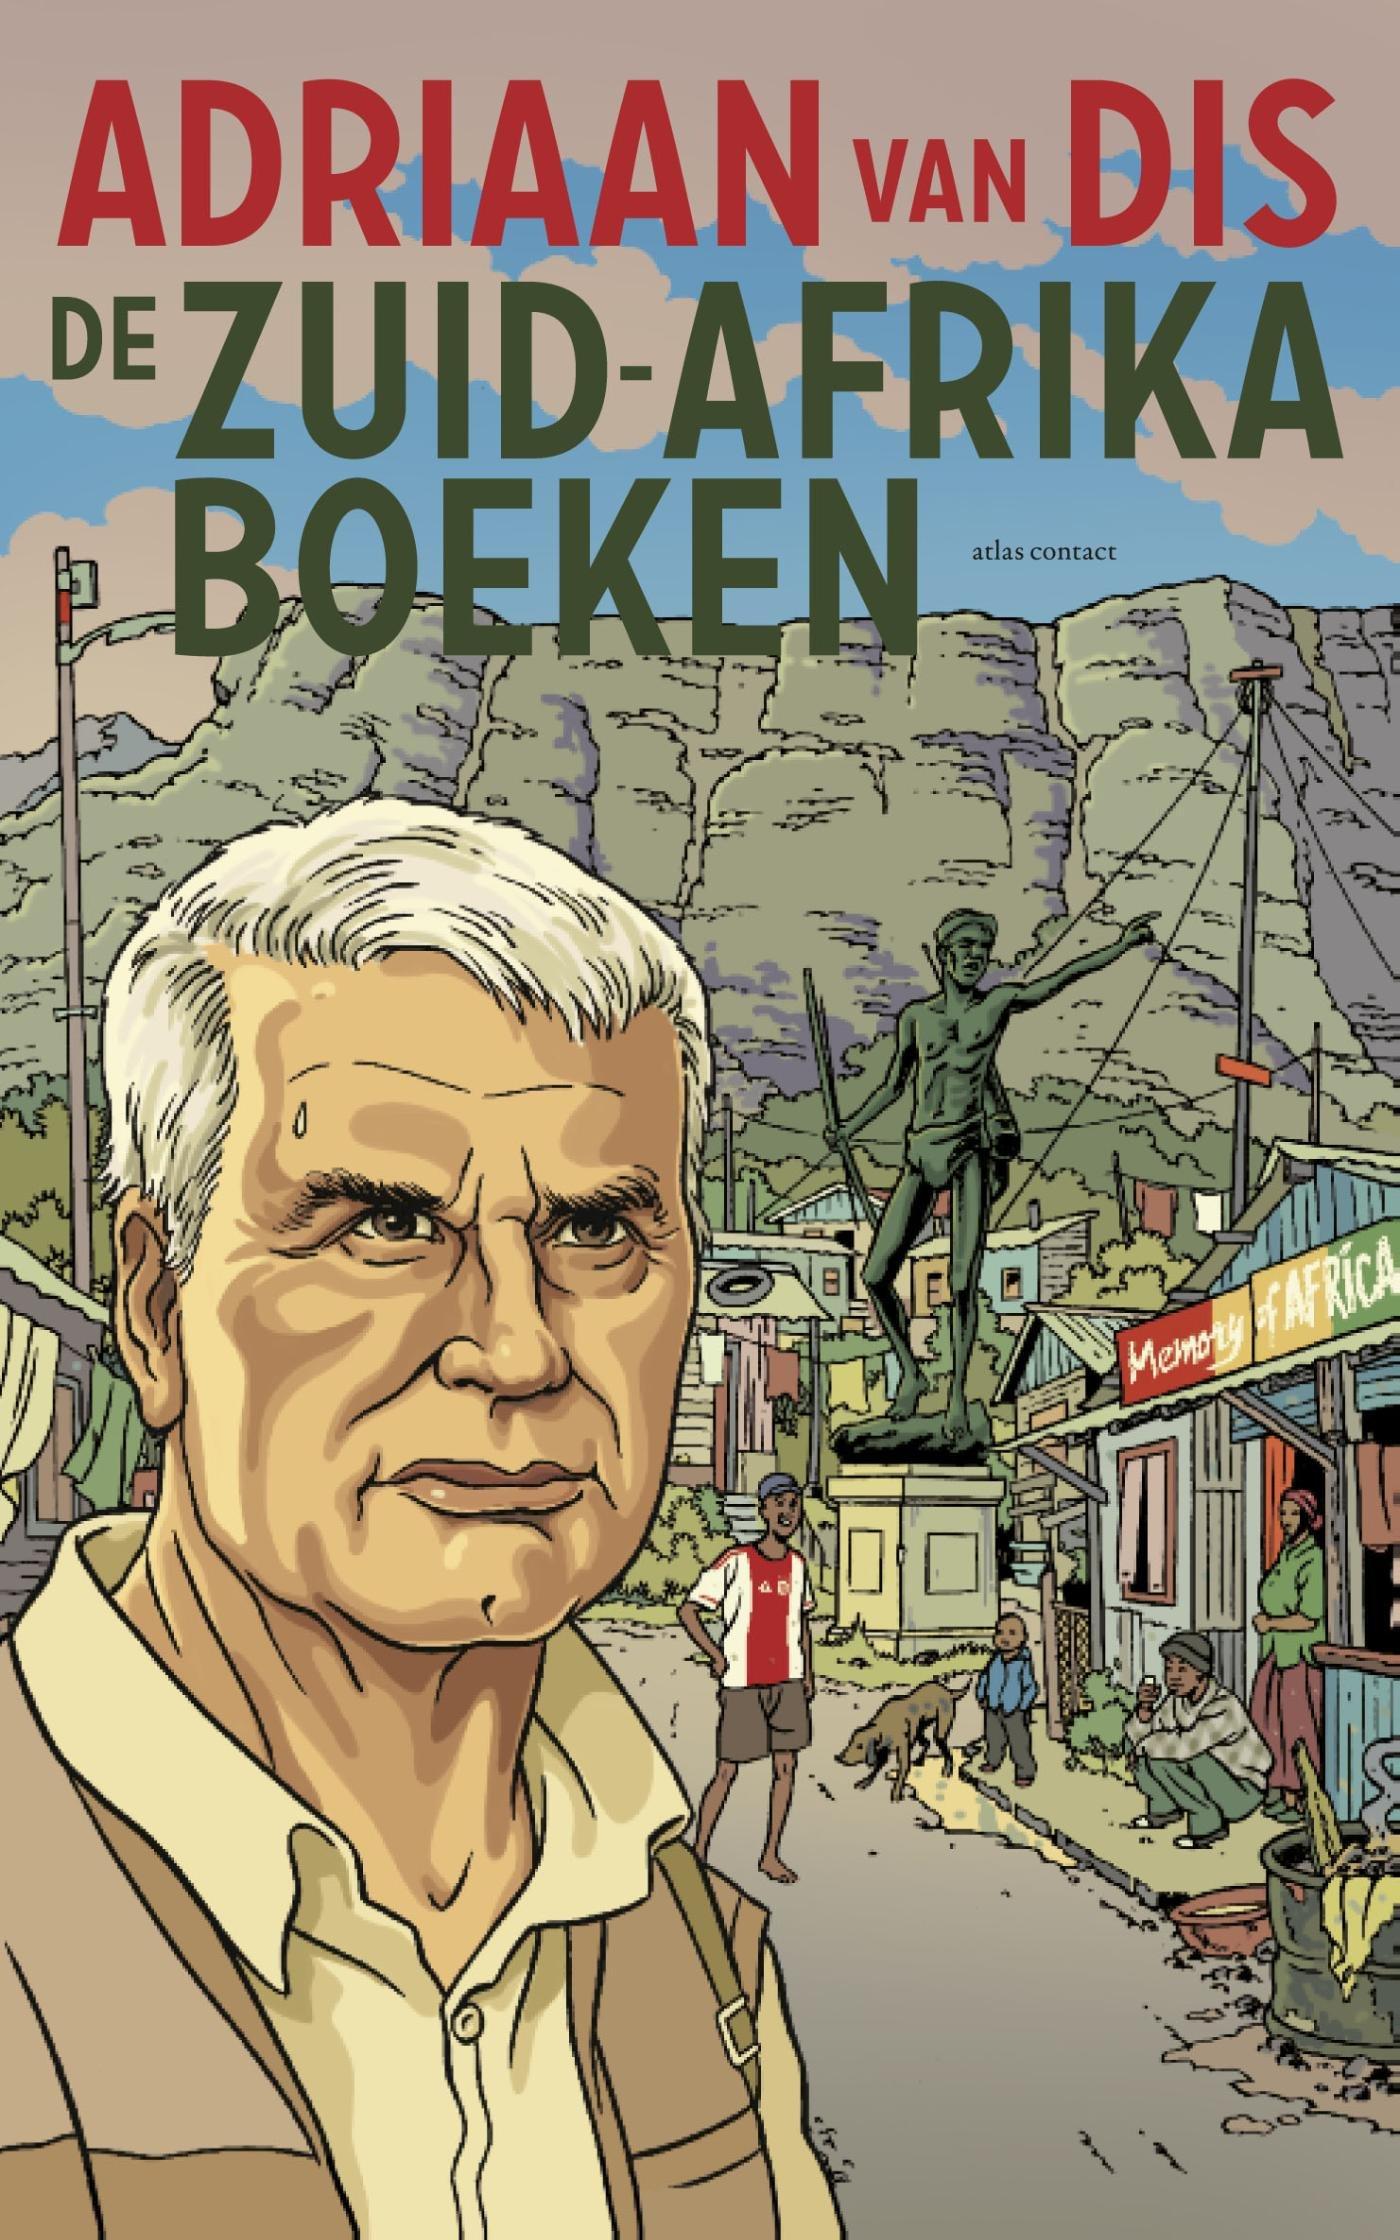 De Zuid-Afrika boeken | Adriaan van Dis 9789025449292 Adriaan van Dis Atlas-Contact   Reisverhalen Zuid-Afrika